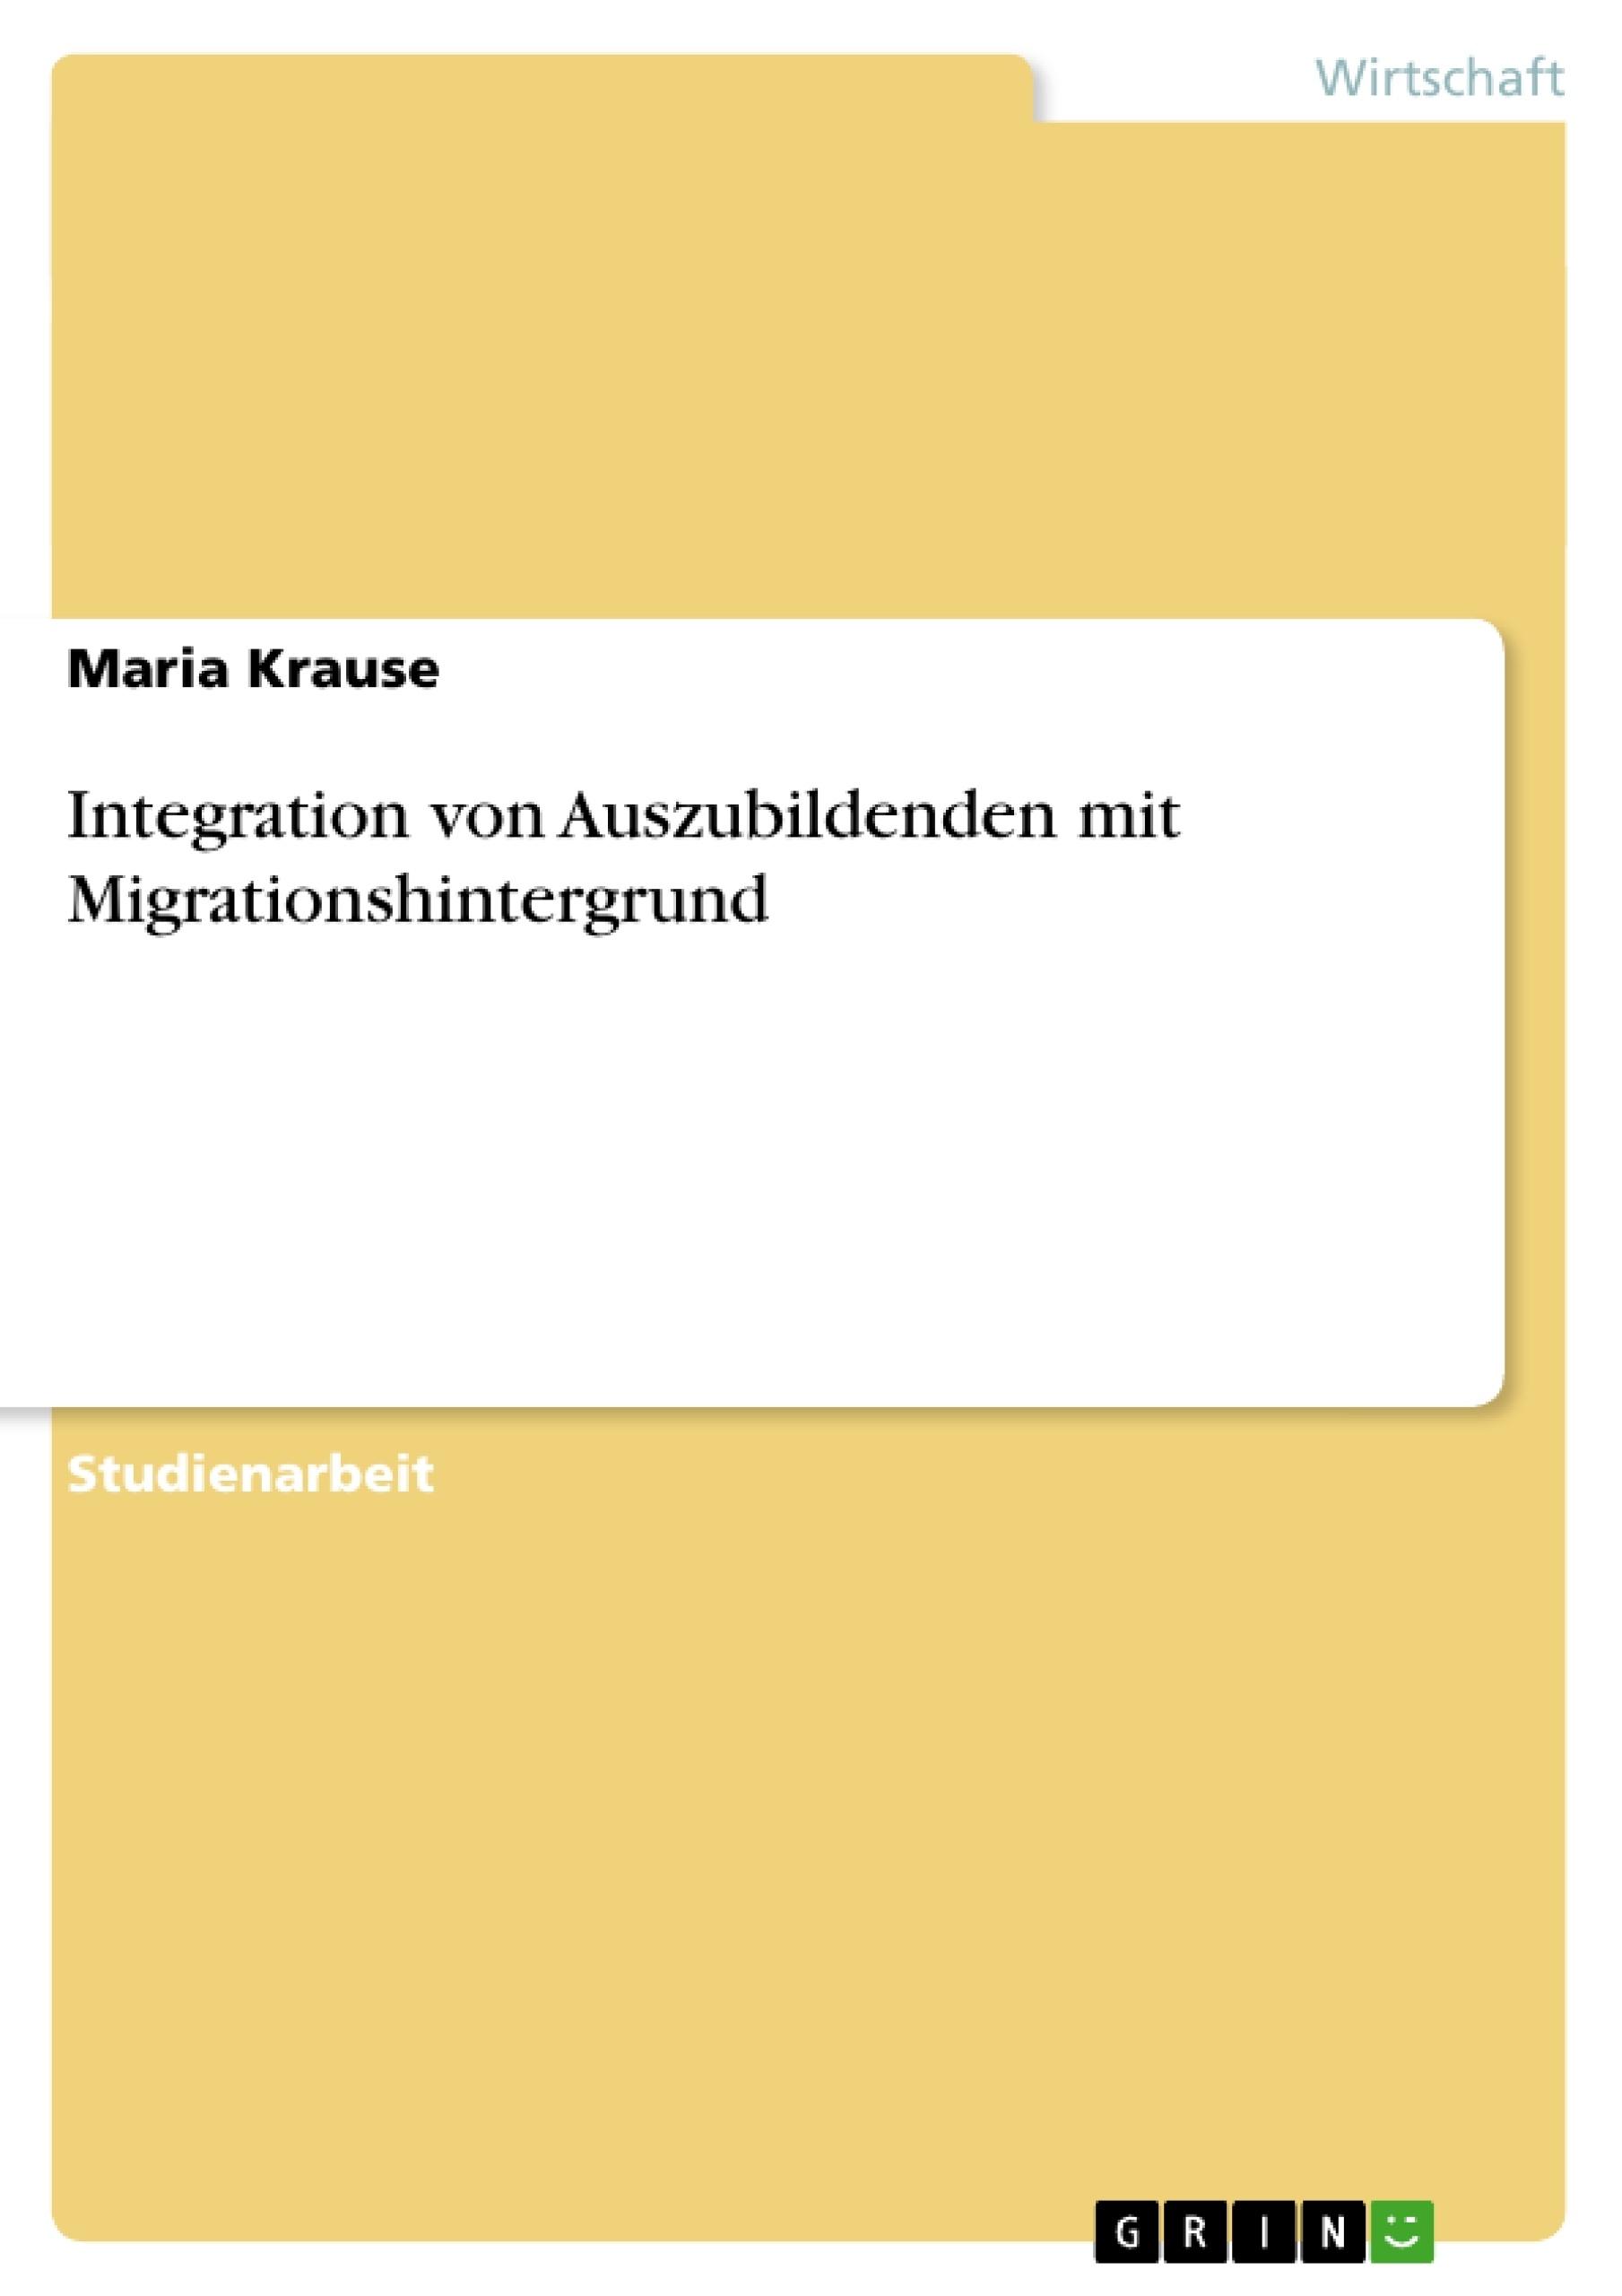 Titel: Integration von Auszubildenden mit Migrationshintergrund